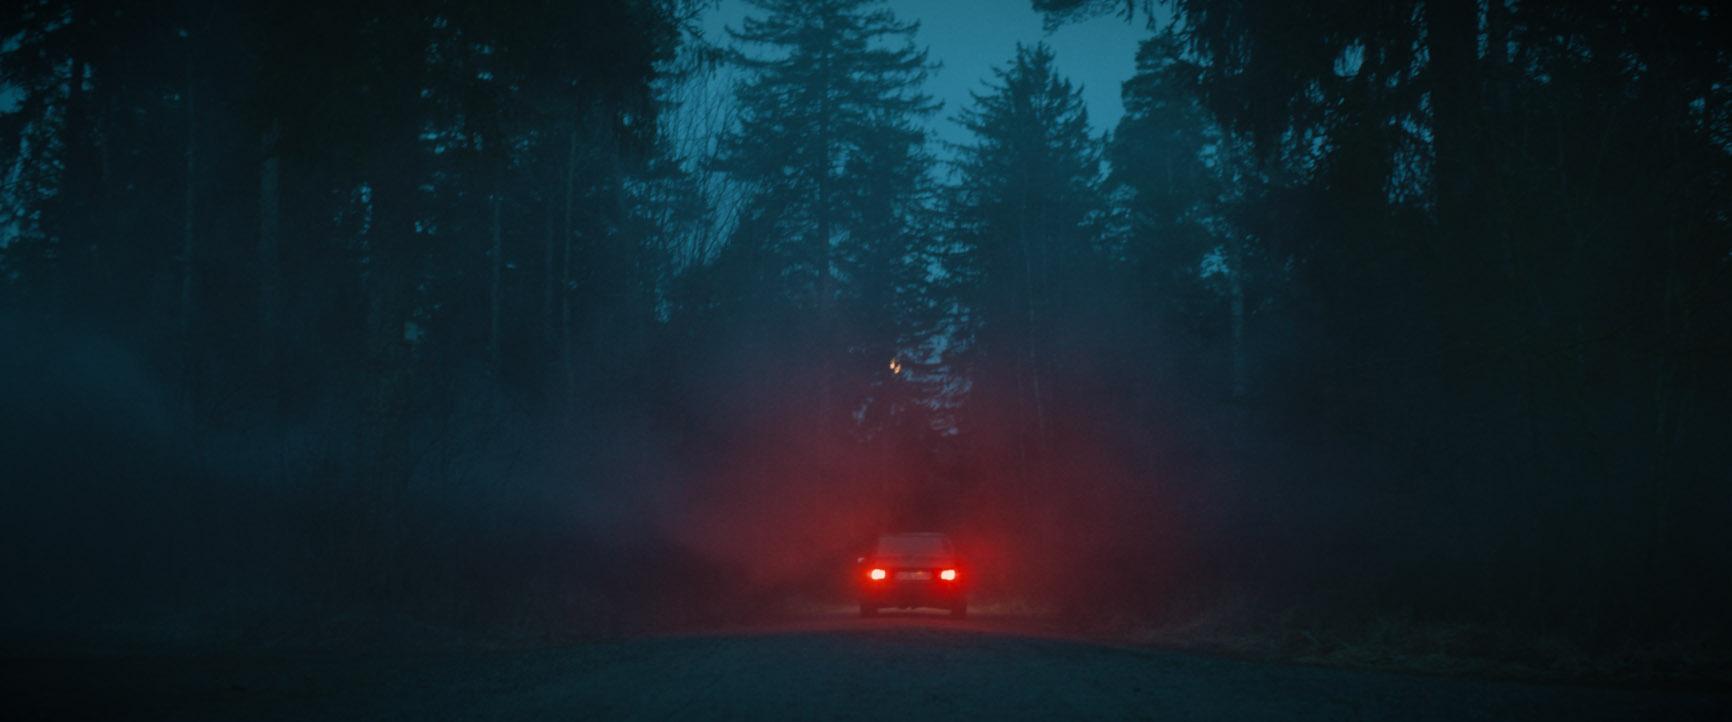 Auto fährt nacht im Wlad rote Scheinwerfer Musikvideo zum Lied Rosengarten